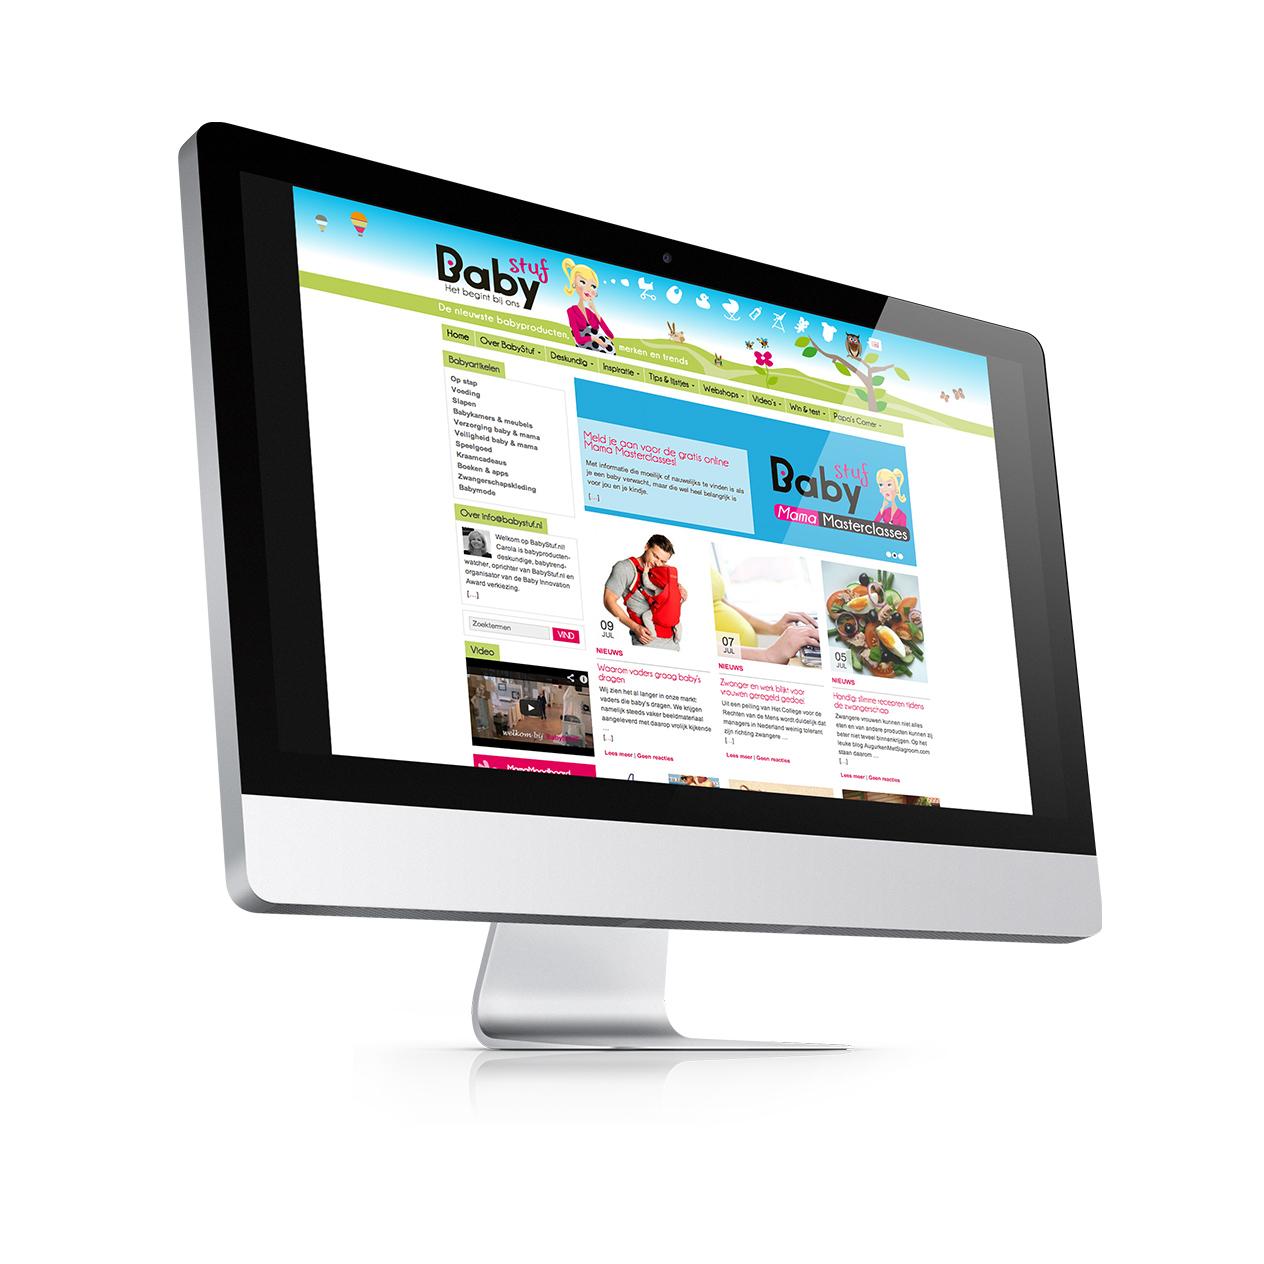 website_babystuf.jpg